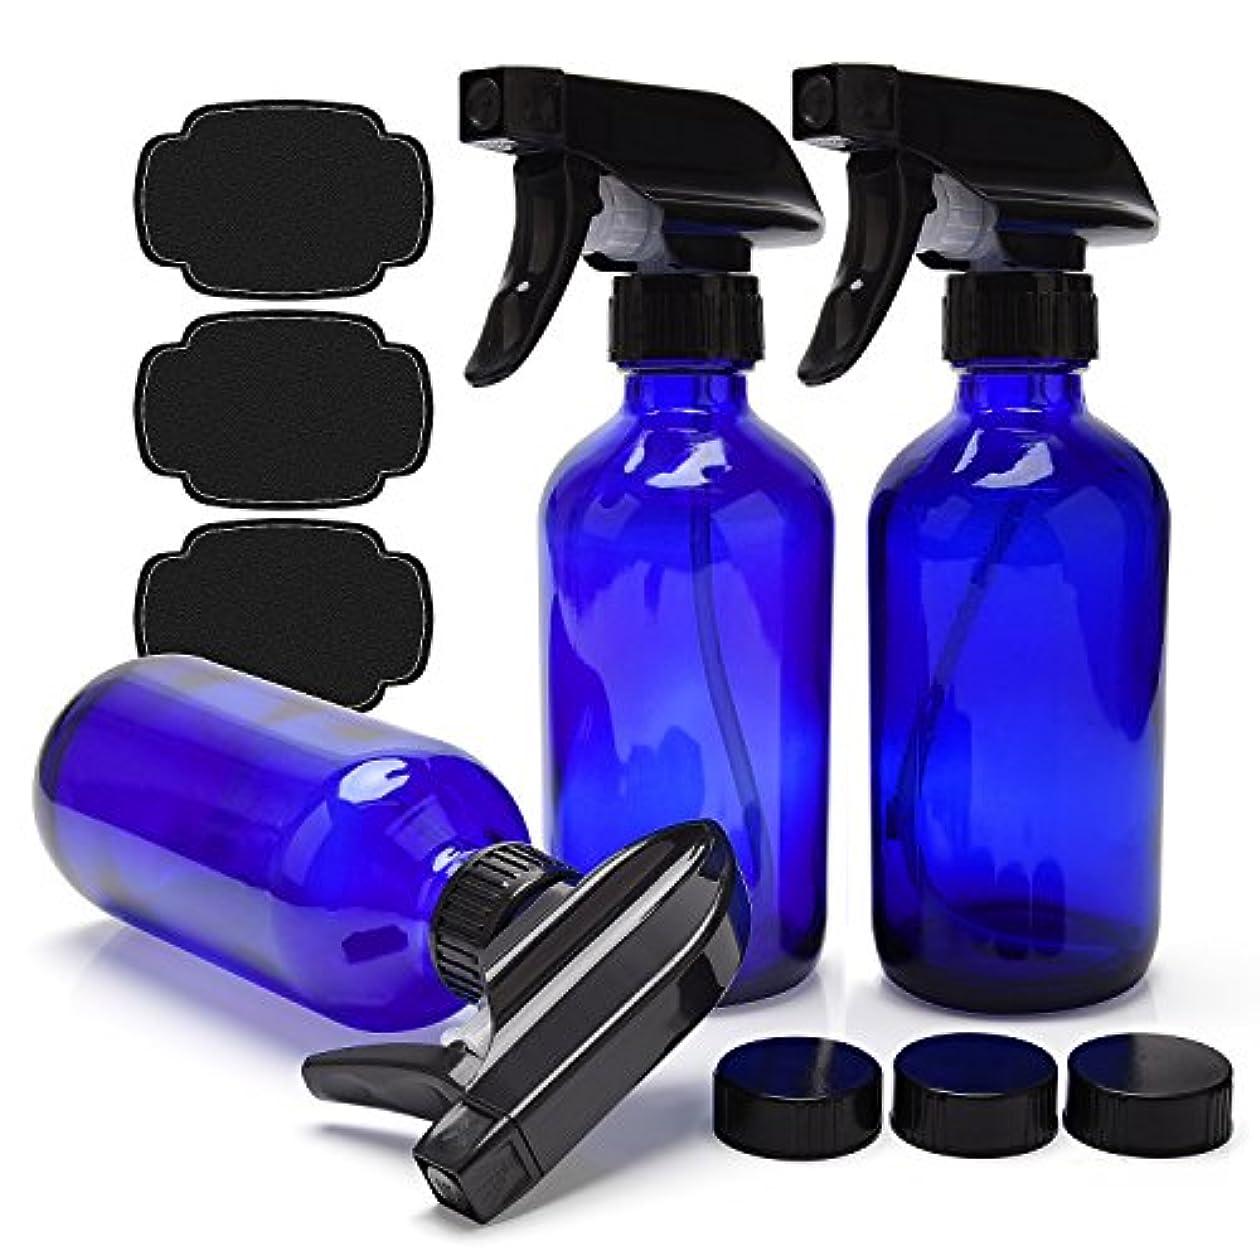 背が高い空の言うまでもなくULG 青いガラス スプレーボトルエッセンシャルオイルまたはクリーニング製品 用 空 3枚ボストンラウンドボトルヘビーデューティー黒トリガースプレーミストやストリーム 設定 8オンス コバルトブルー